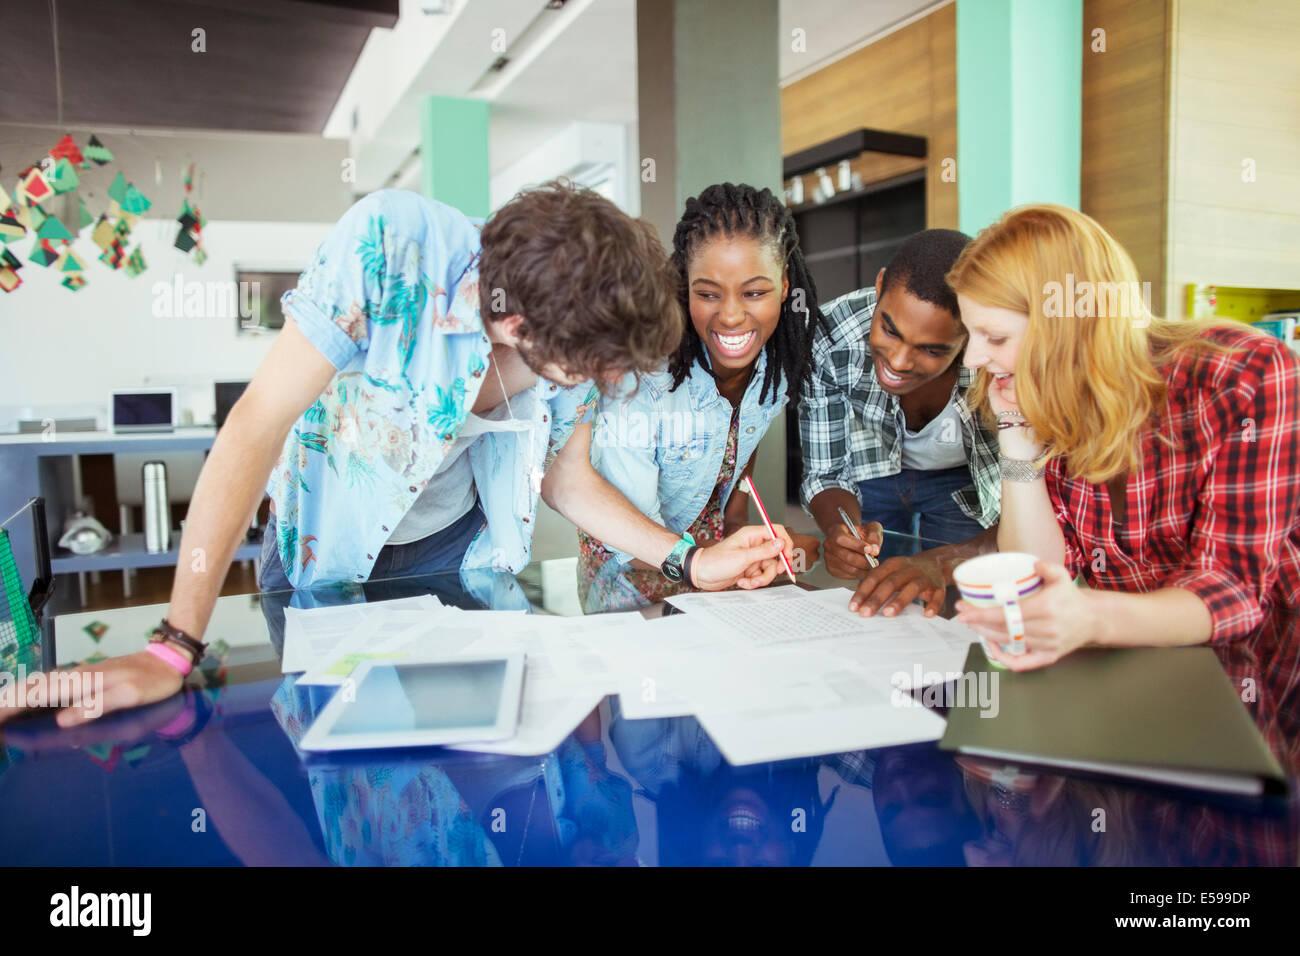 Persone che lavorano insieme in cafe Immagini Stock